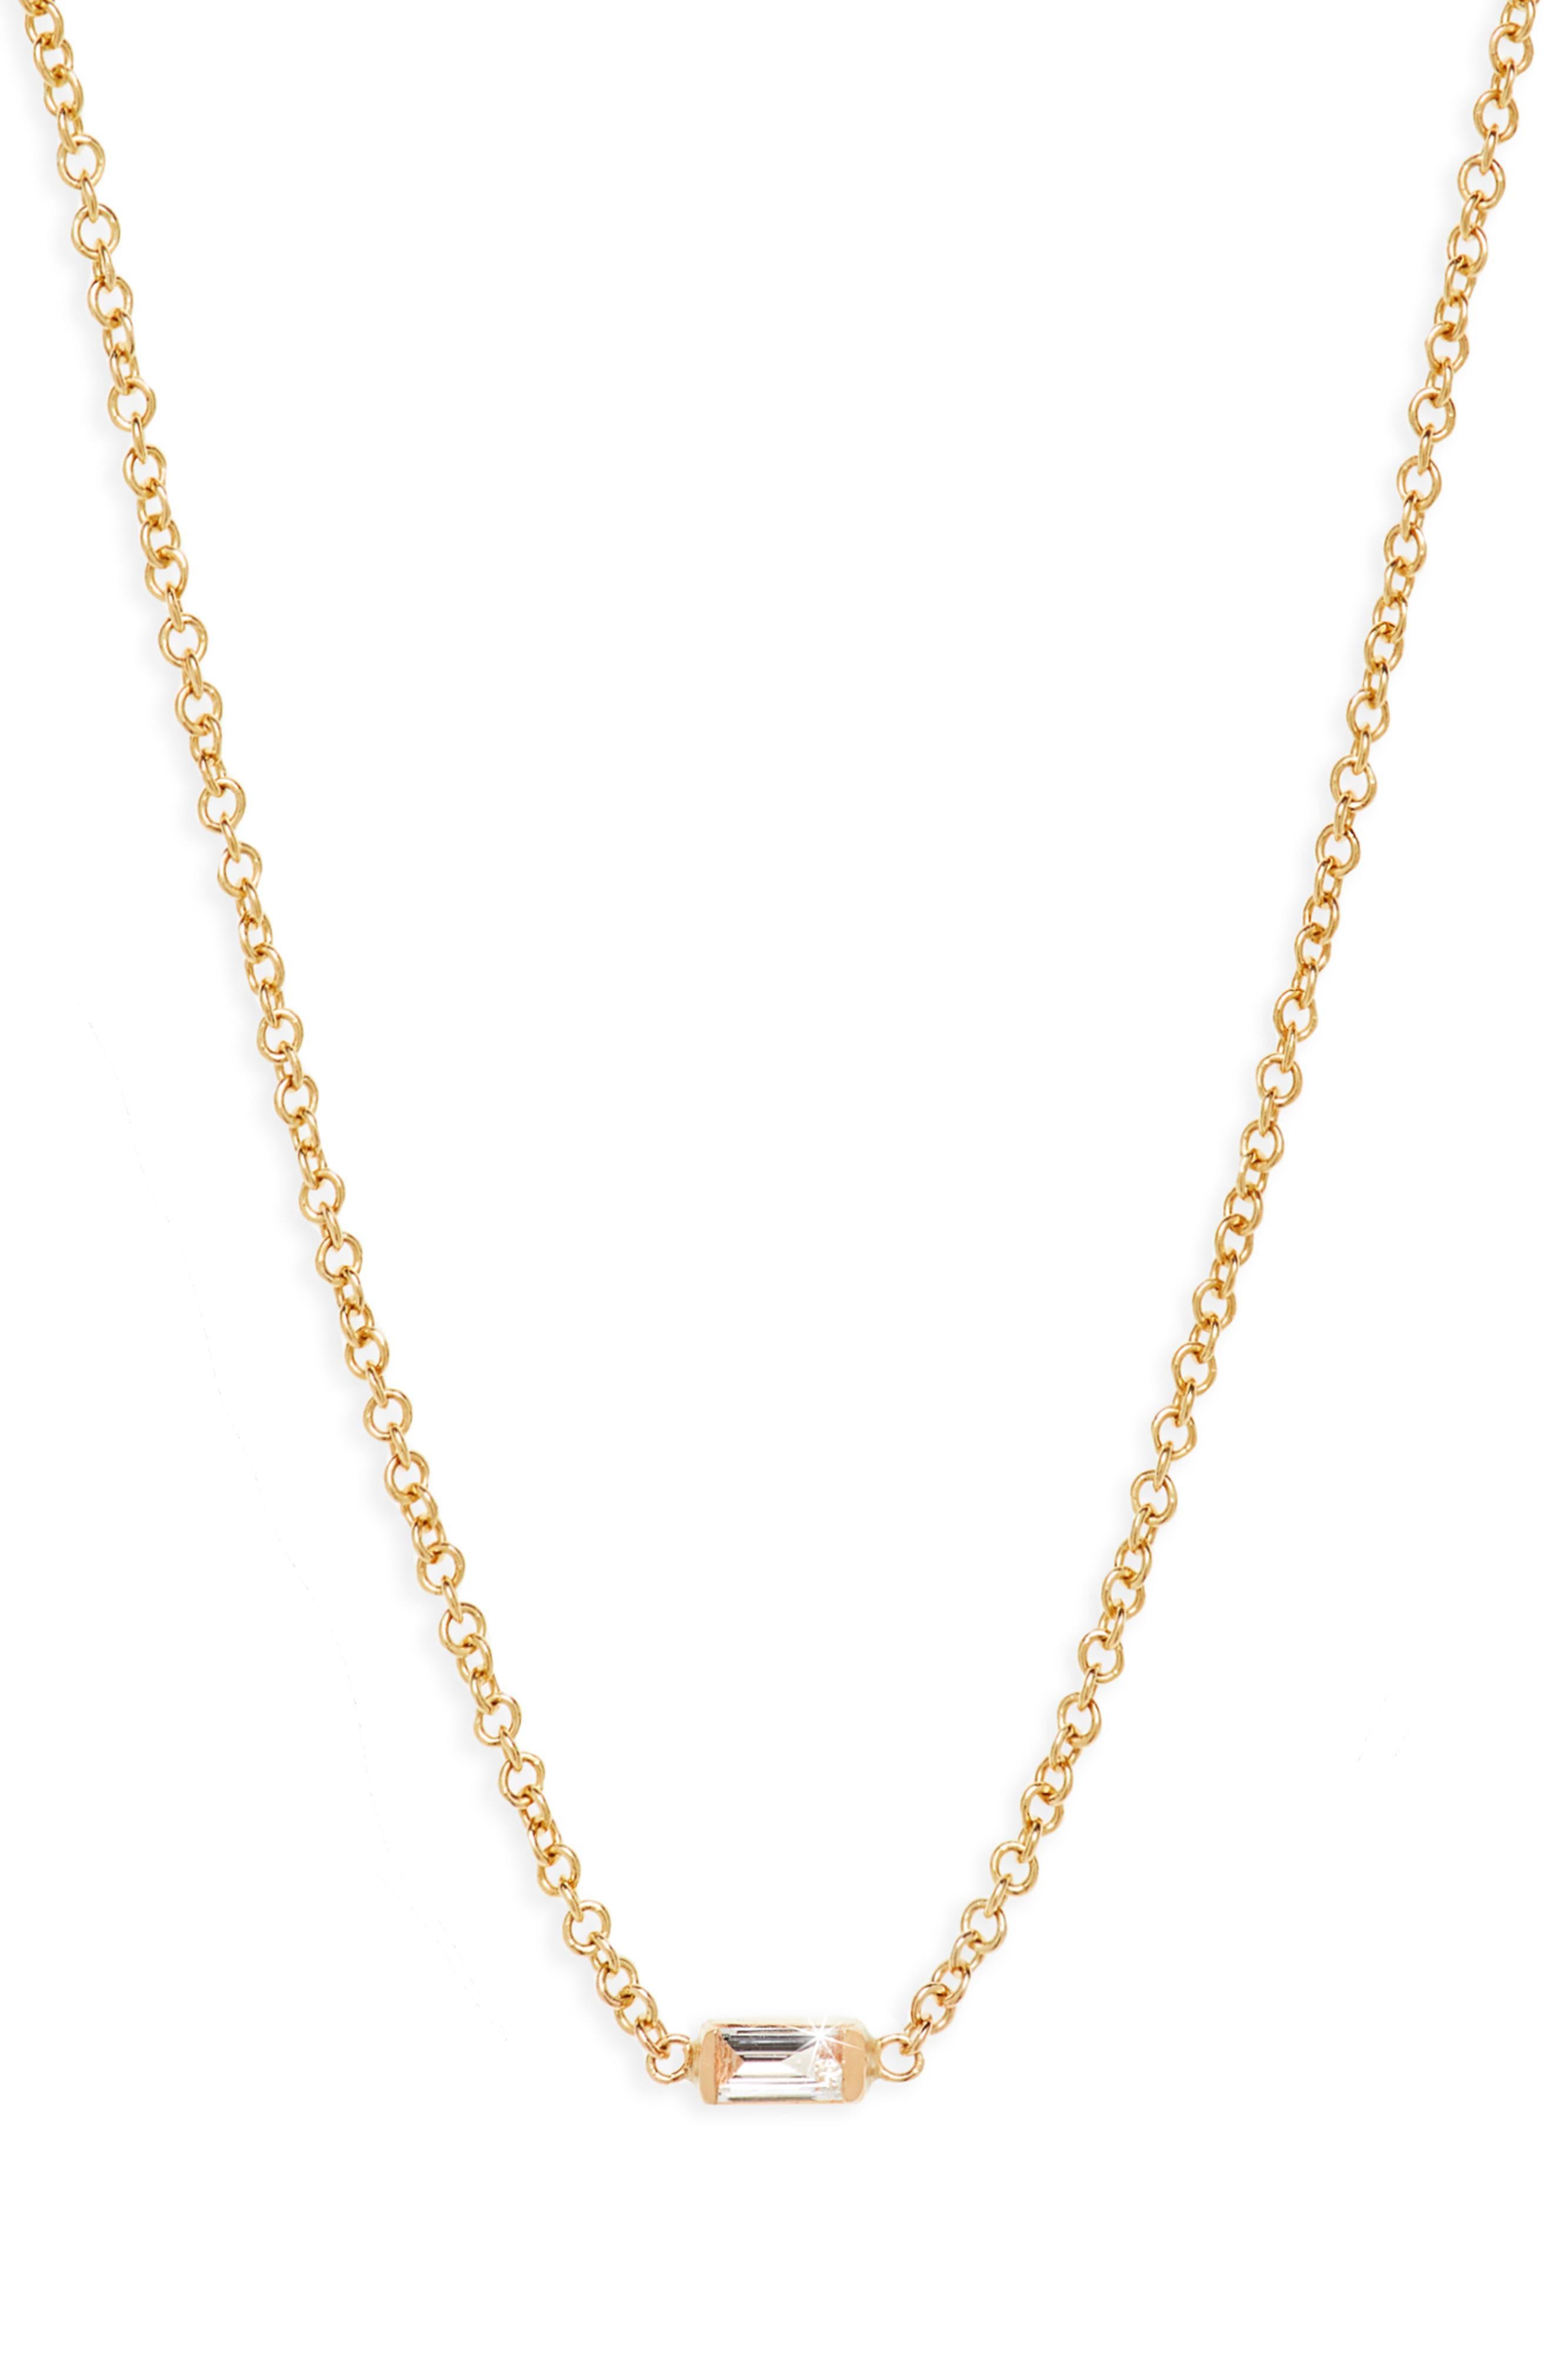 Diamond Baguette Pendant Necklace,                             Main thumbnail 1, color,                             YELLOW GOLD